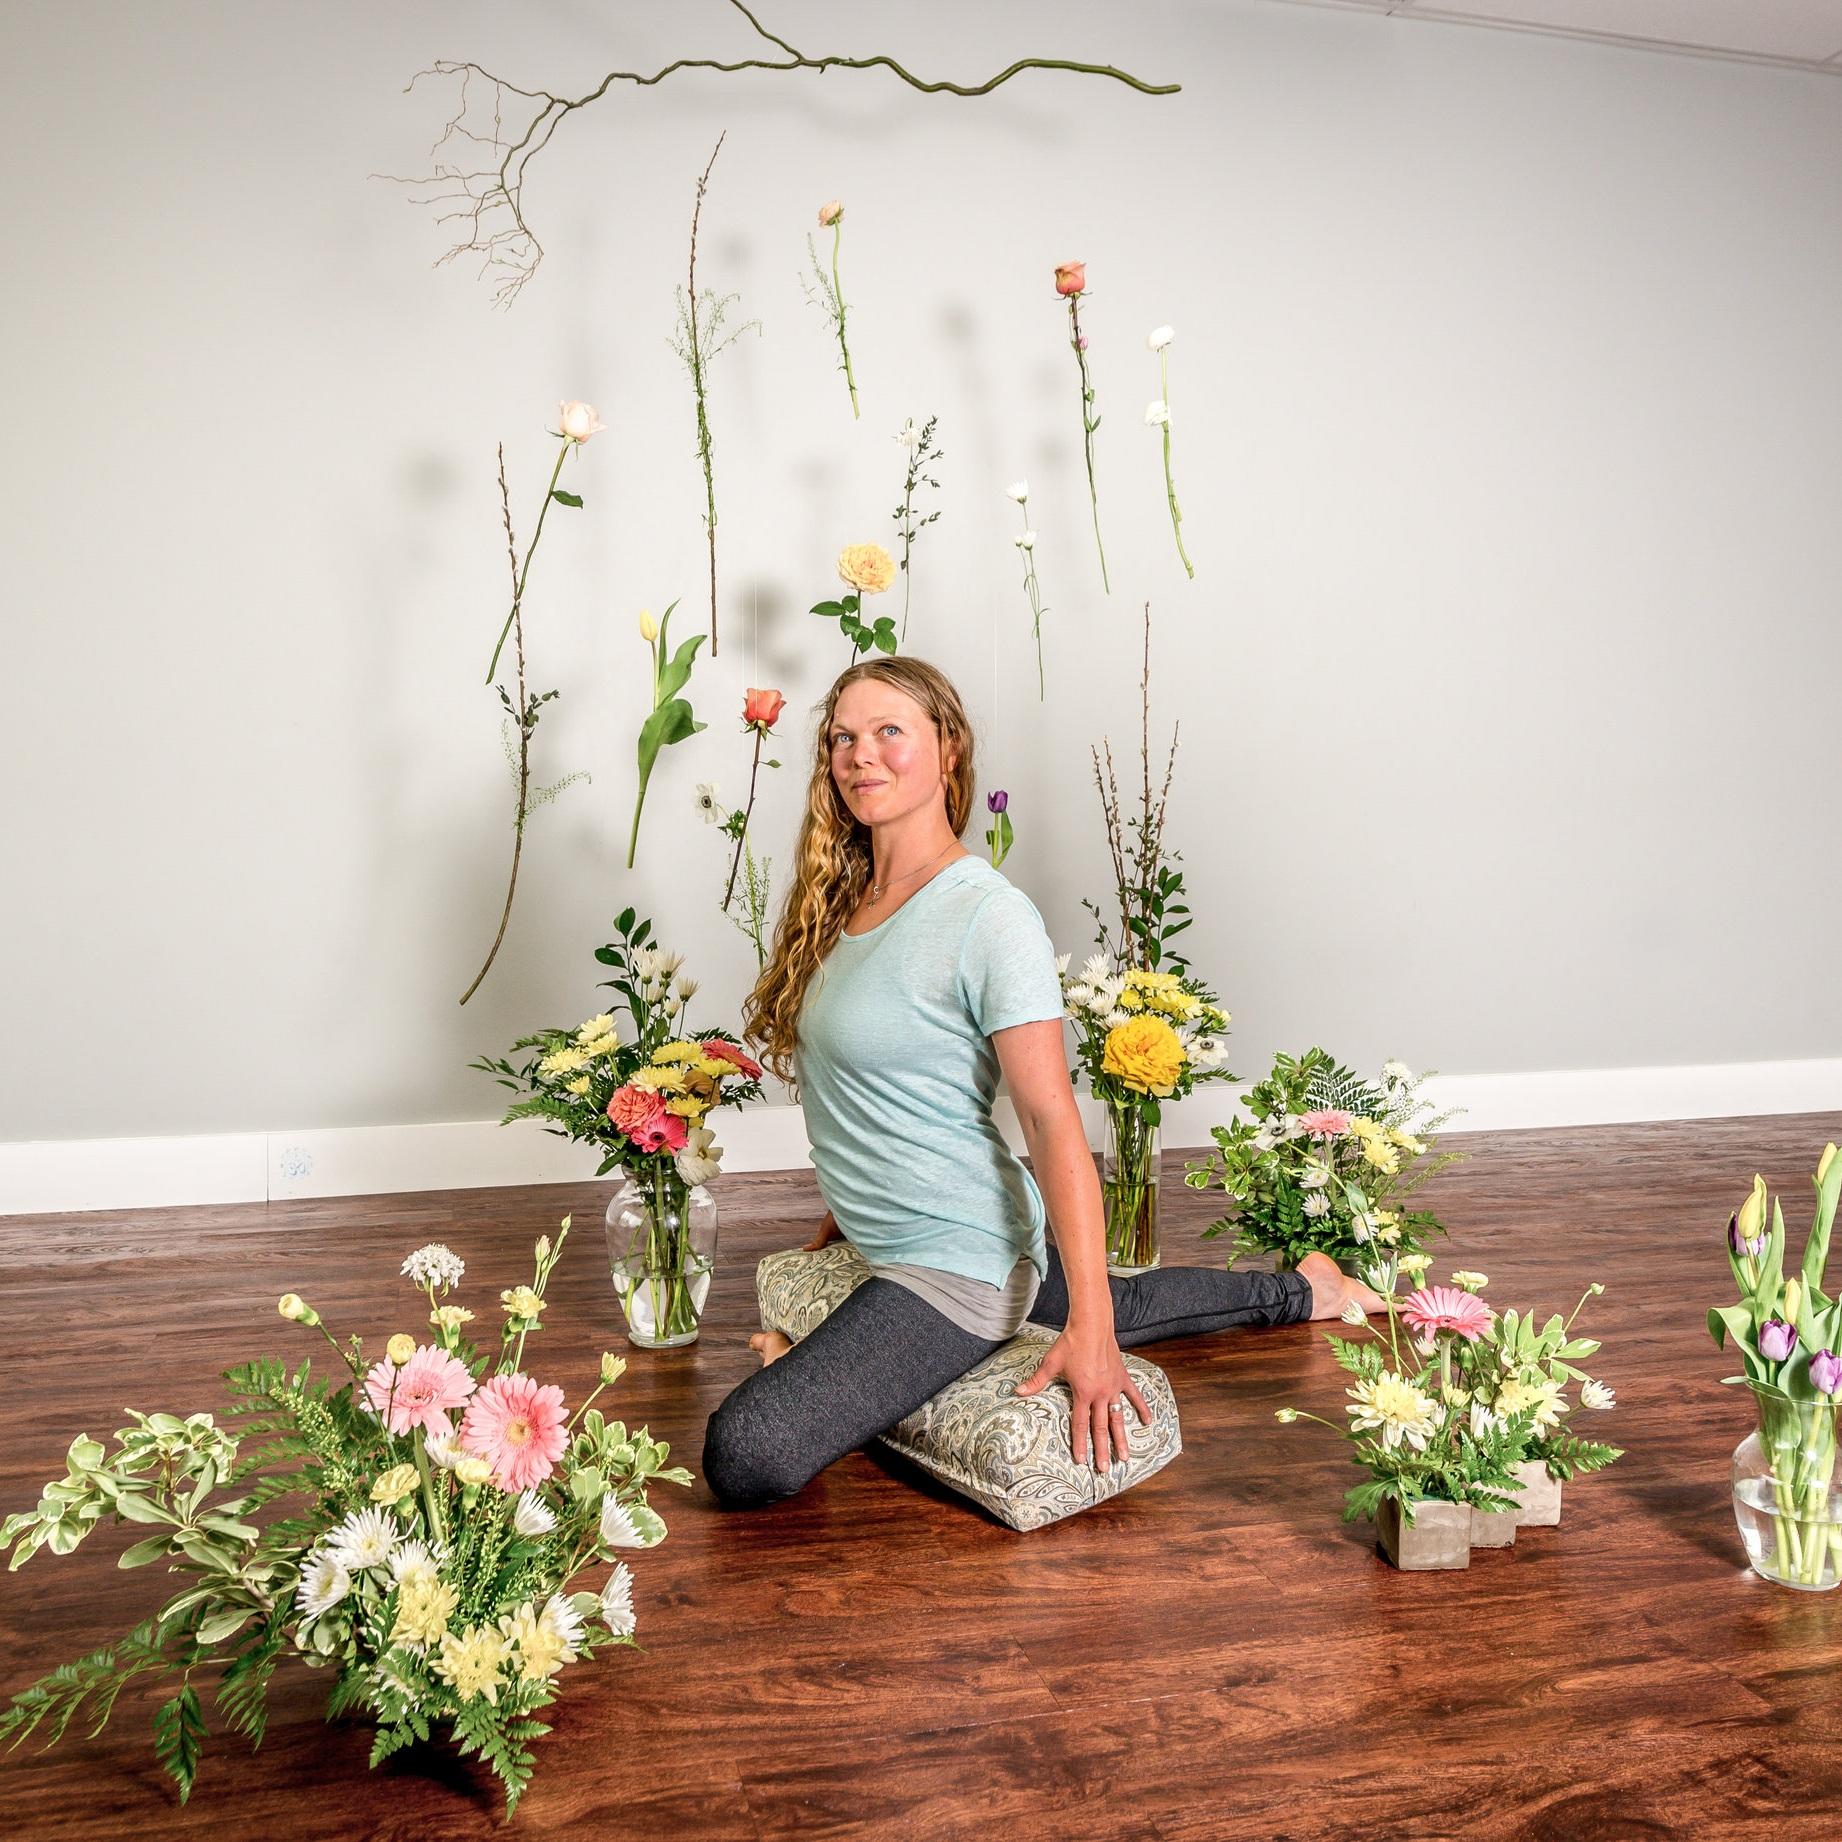 Amy_Gowling_Hamilton_Yoga.jpg